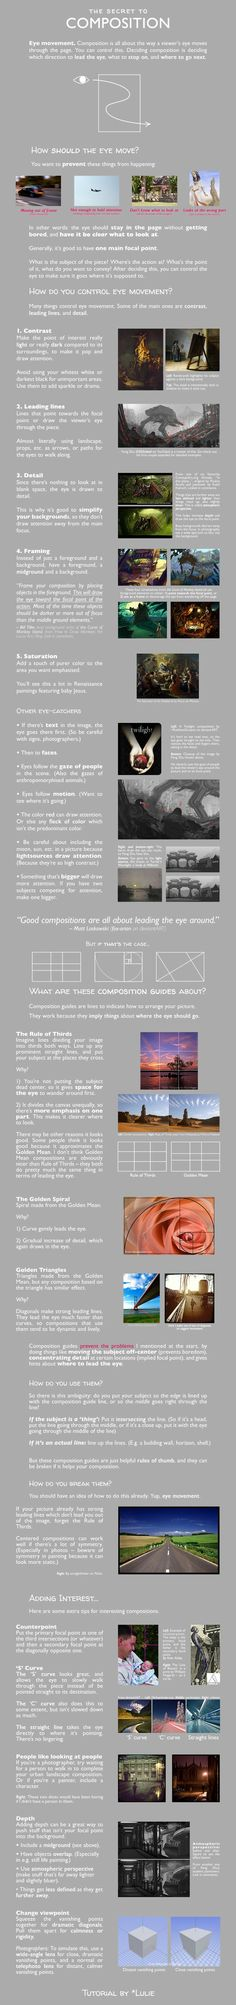 Secret de la composition en anglais